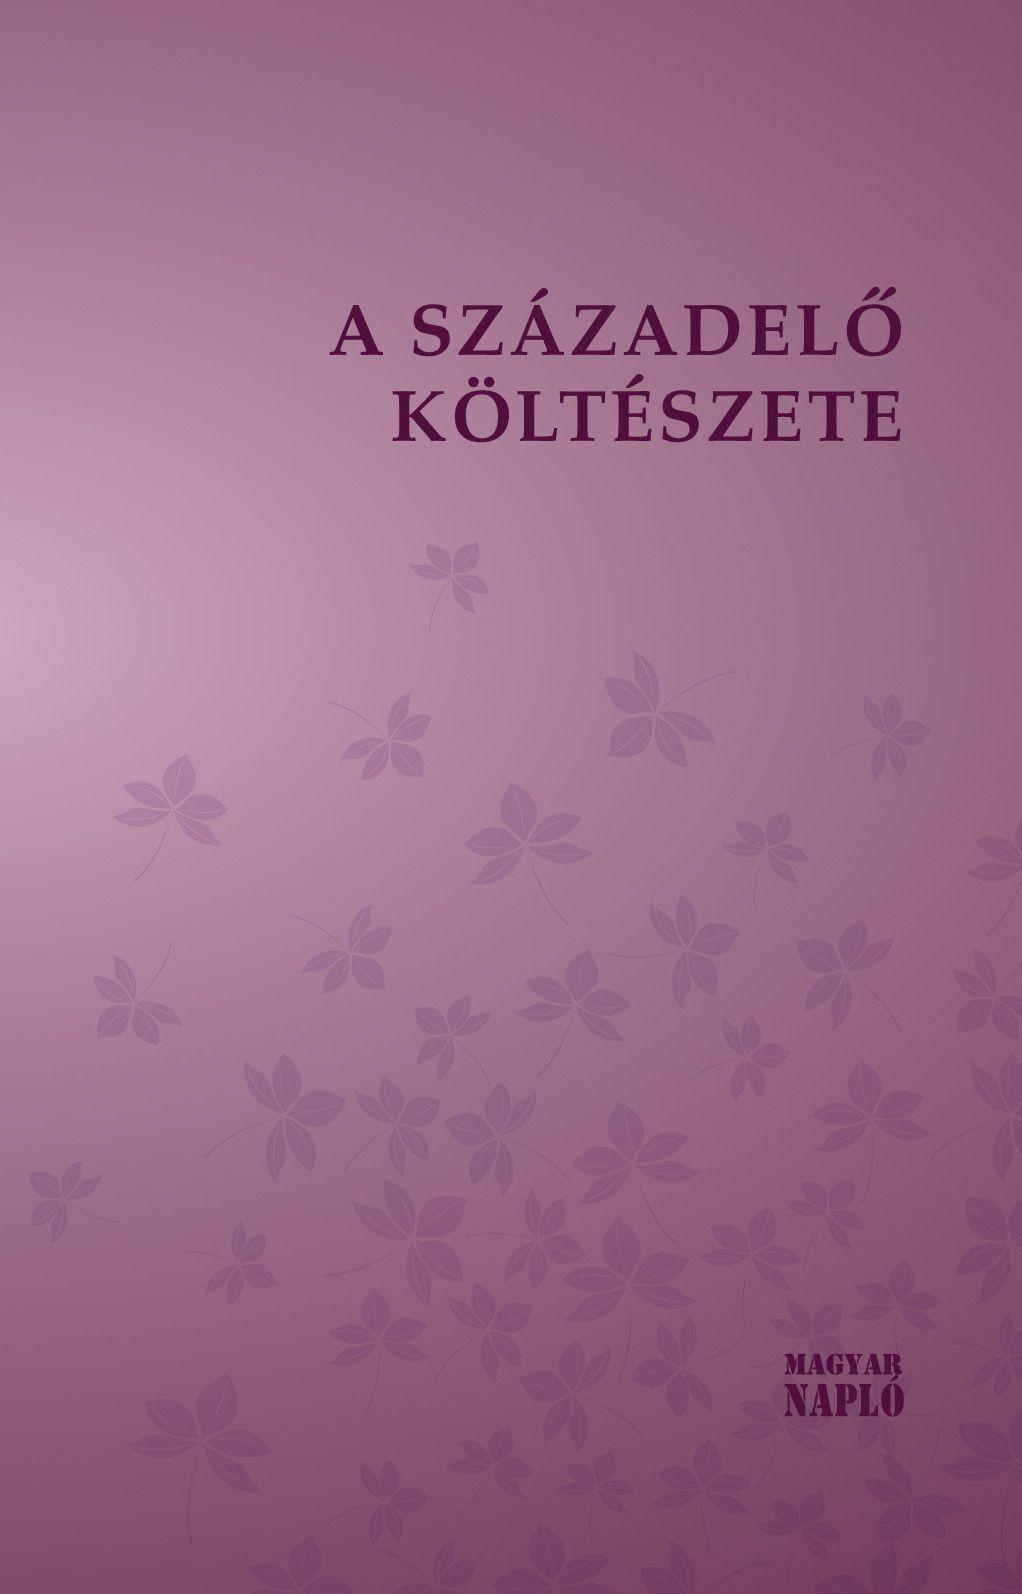 - - A SZÁZADELŐ KÖLTÉSZETE